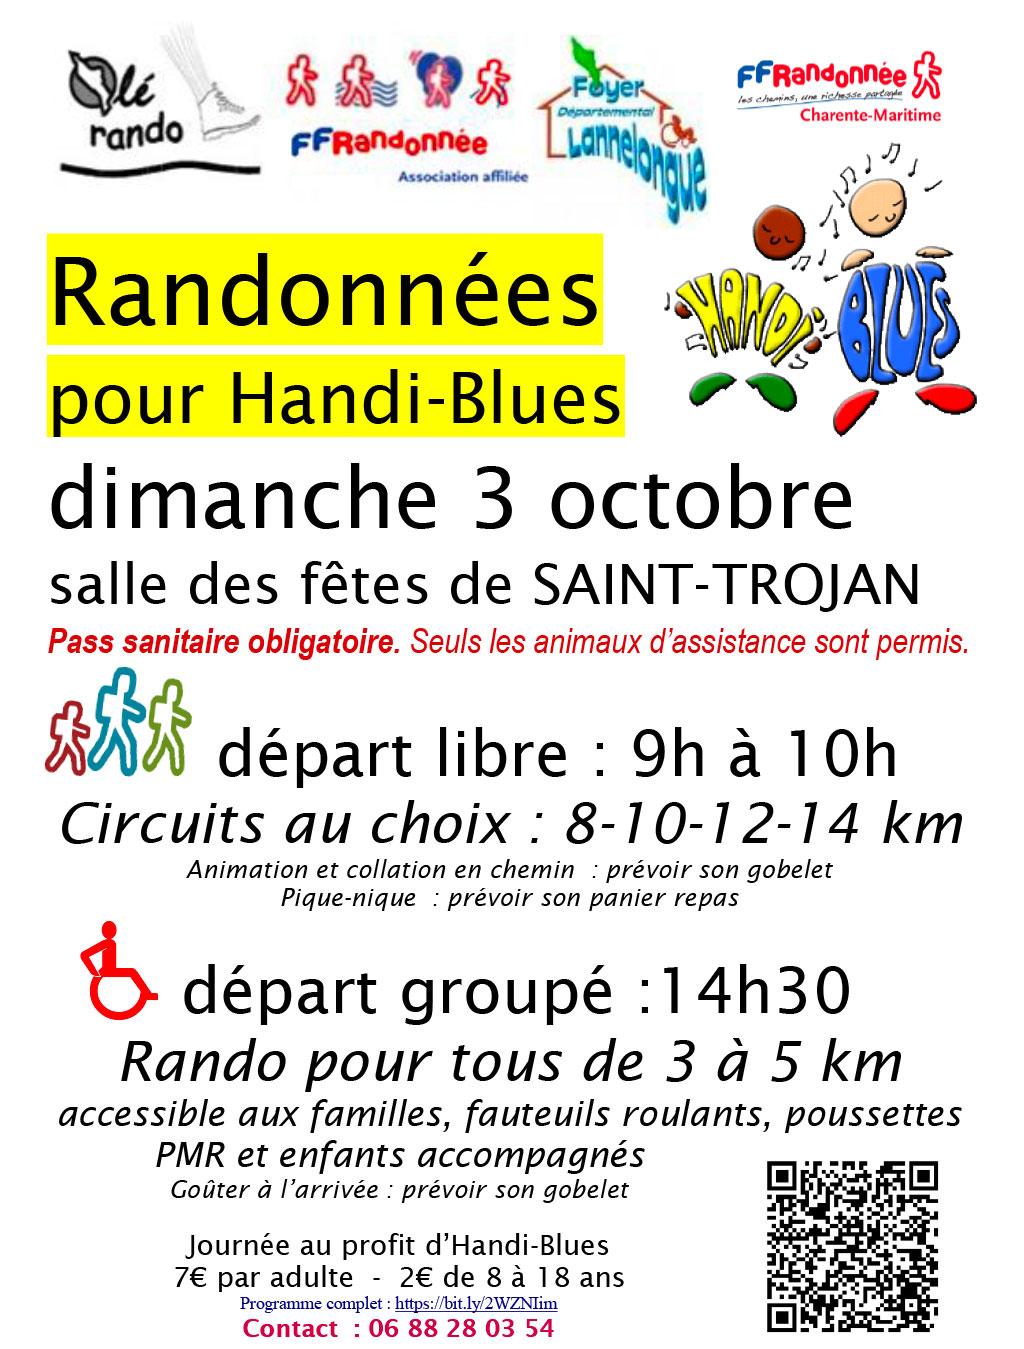 Randonnées pour Handi-Blues à Saint-Trojan. île d'Oléron